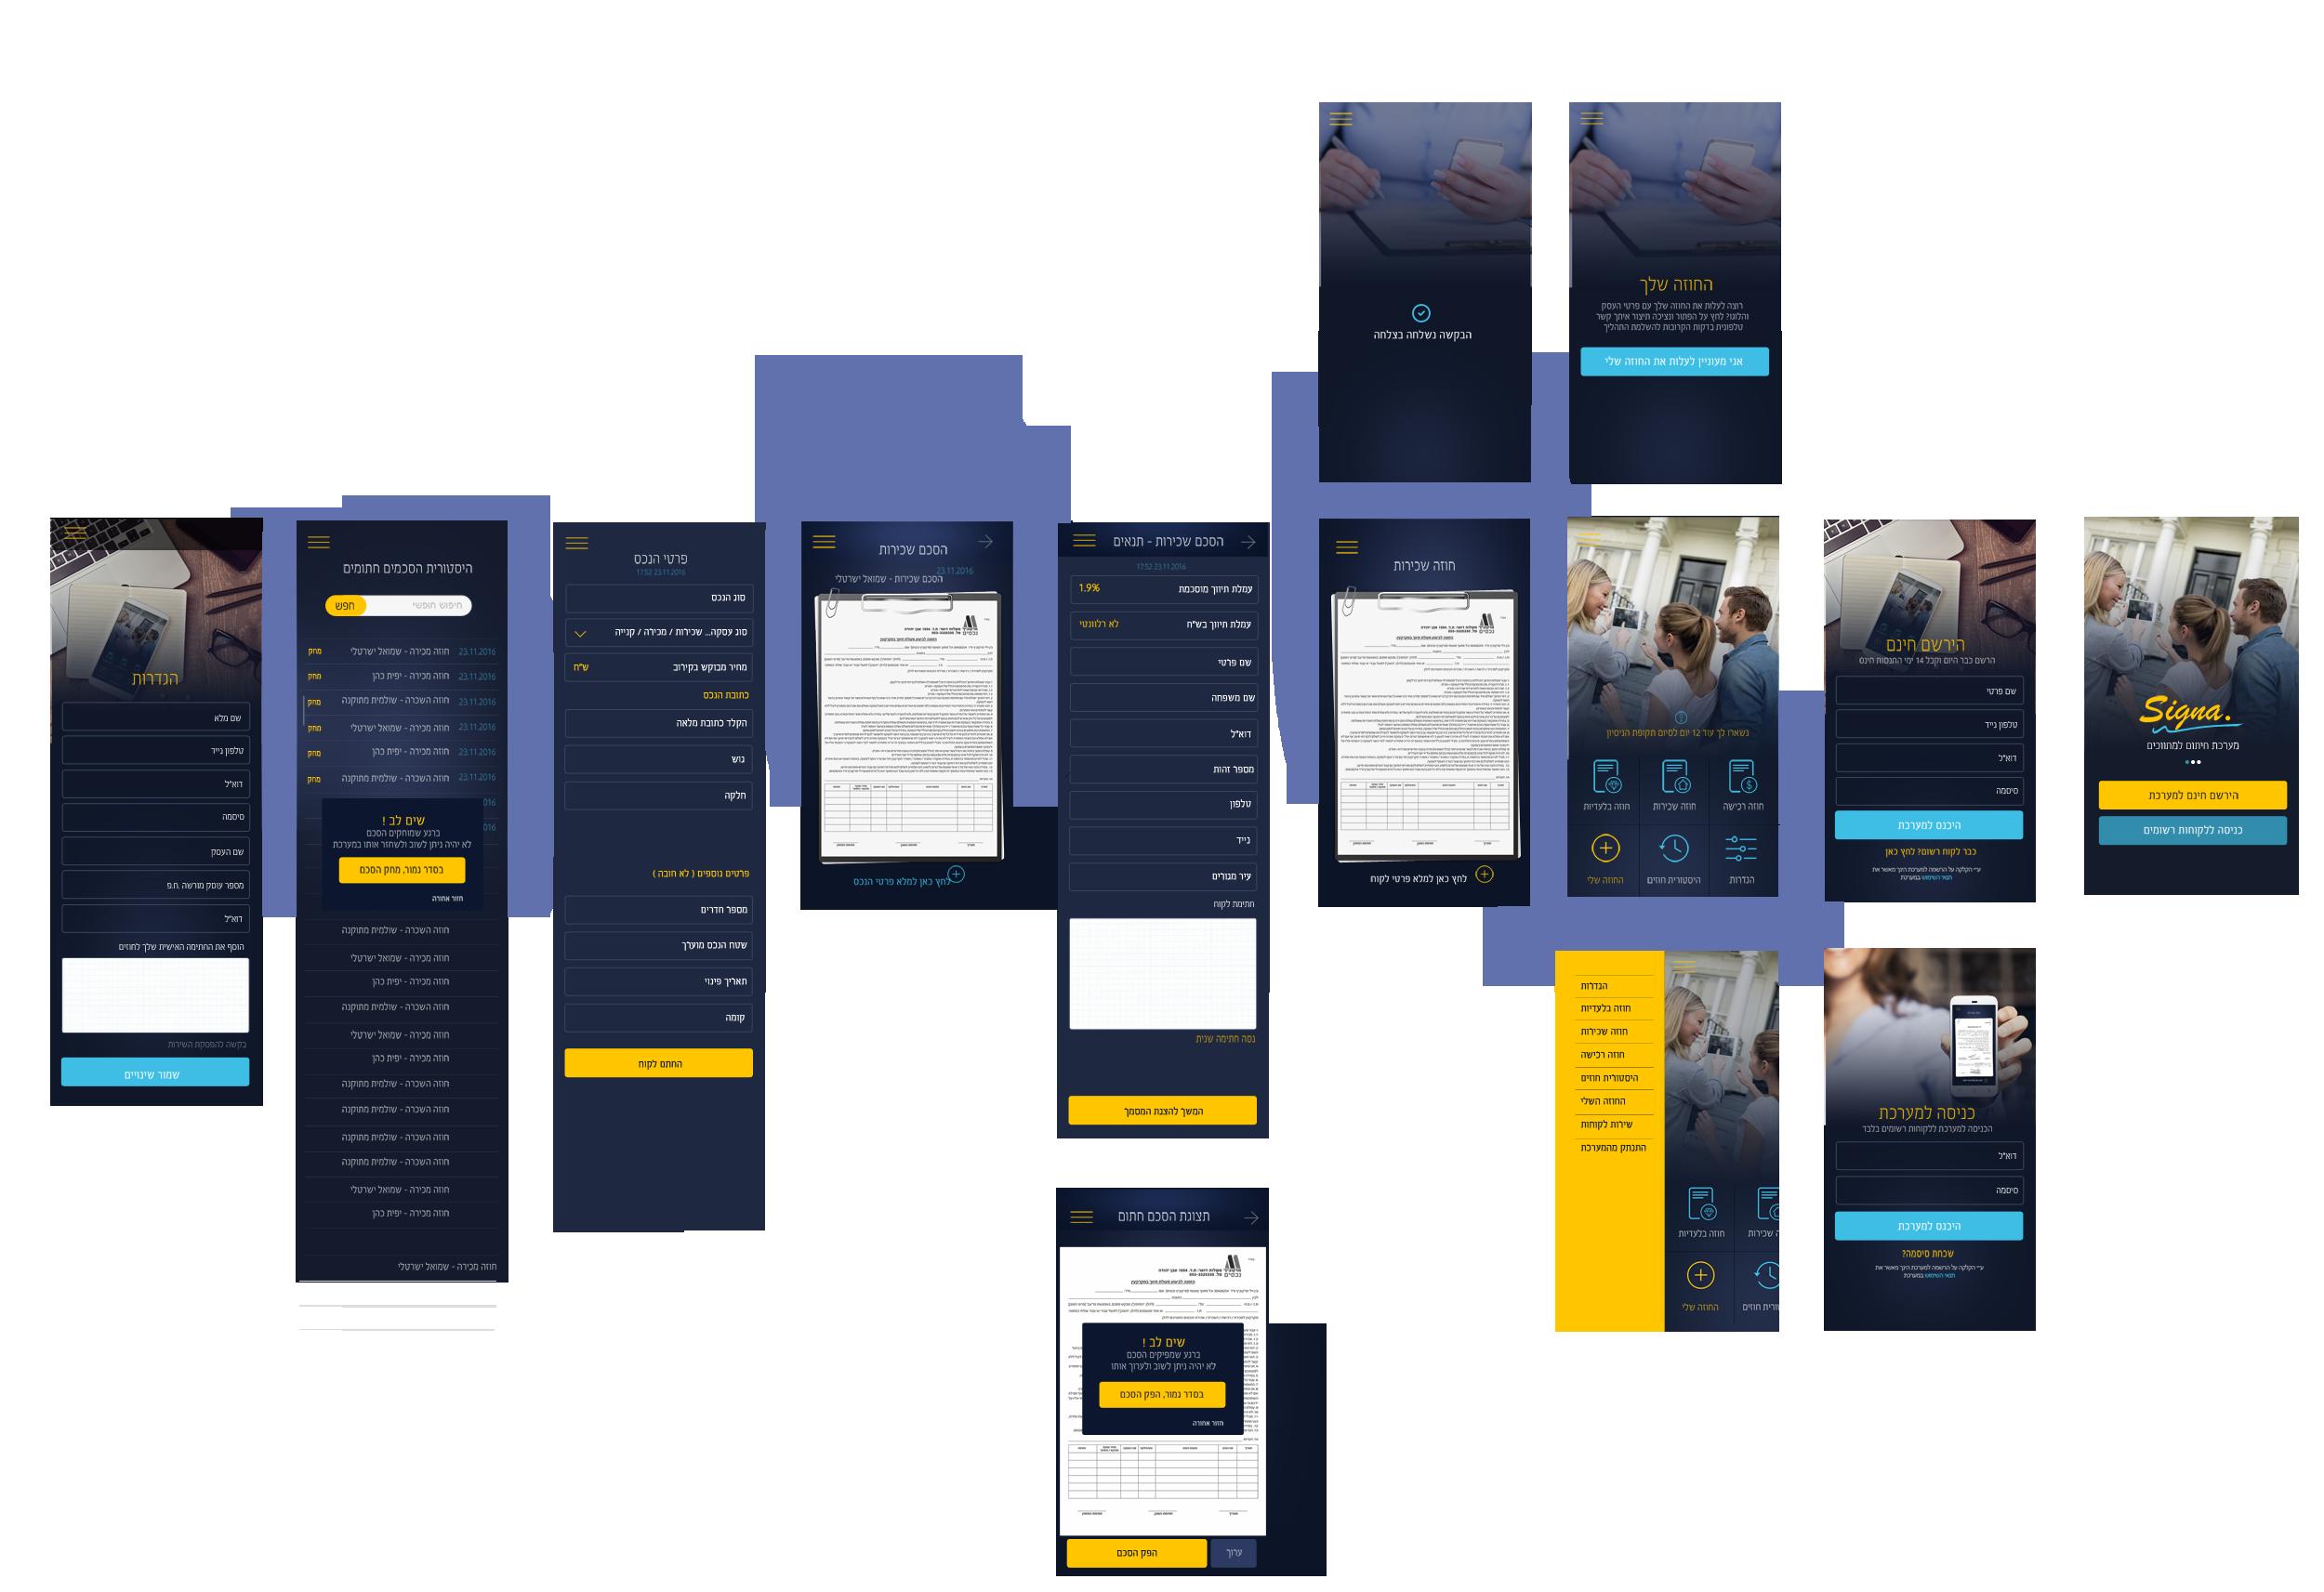 פריסת מסכים של תהליך אפיון אפליקציה